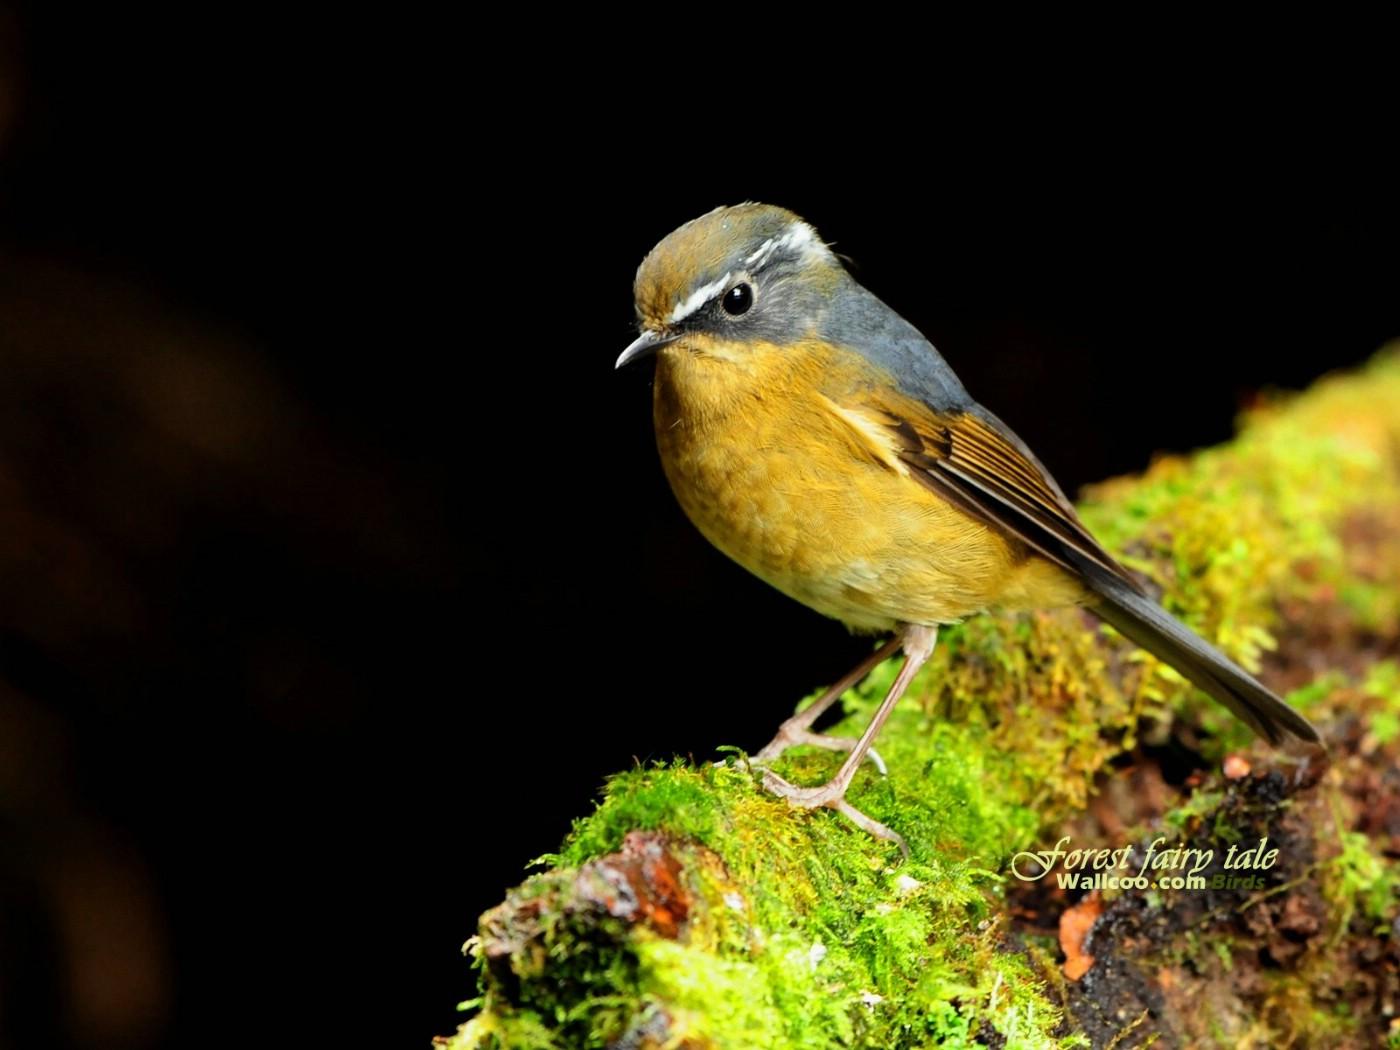 壁纸/树林里的小精灵 春天可爱小鸟壁纸 白眉林鸲灵气可爱小鸟图片...